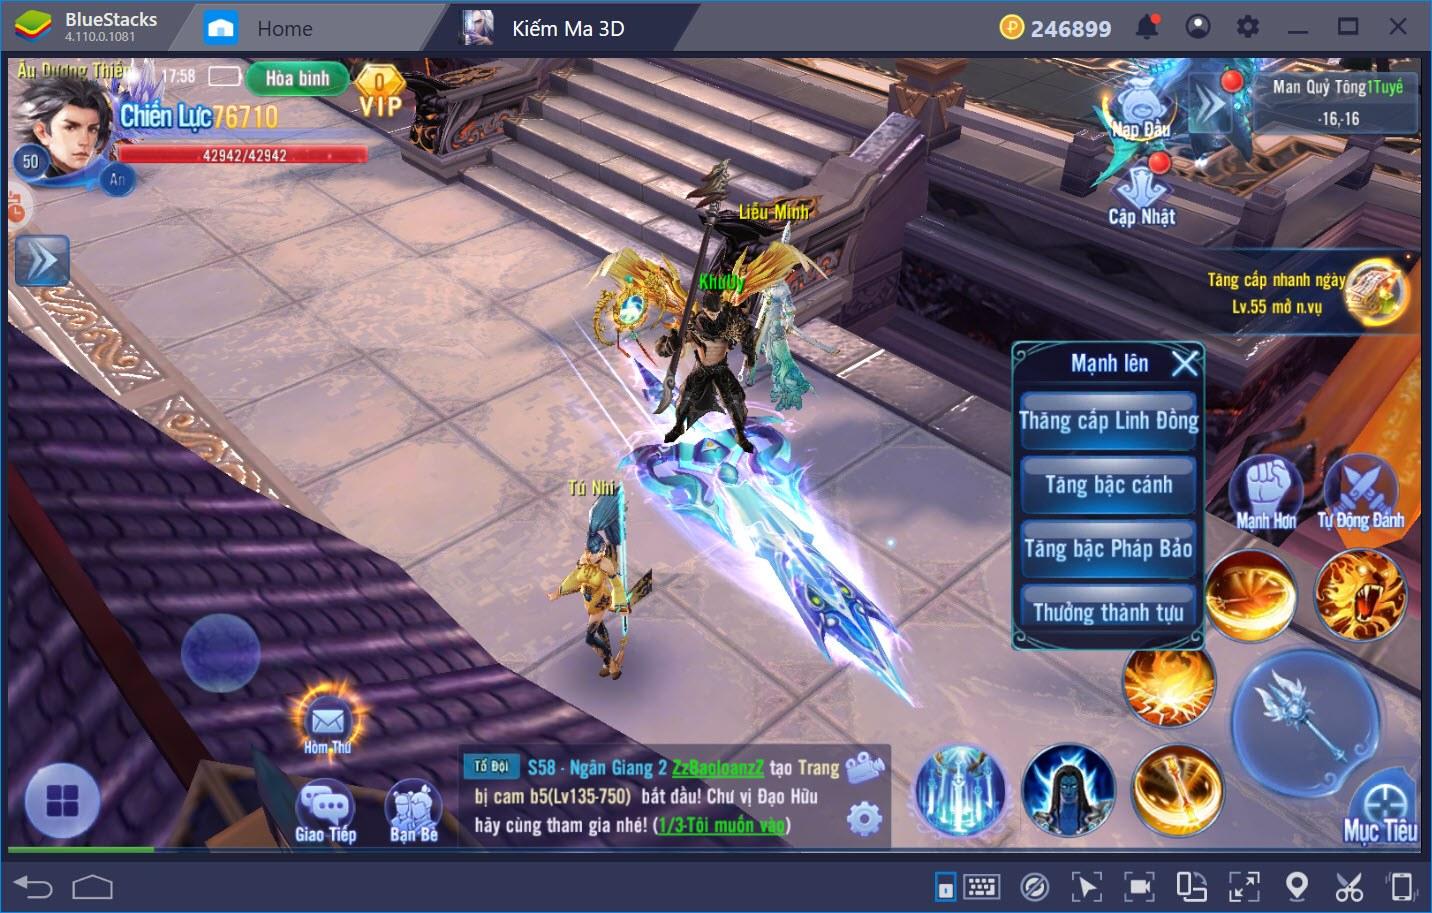 Hướng dẫn nâng cấp nhân vật trong Kiếm Ma 3D